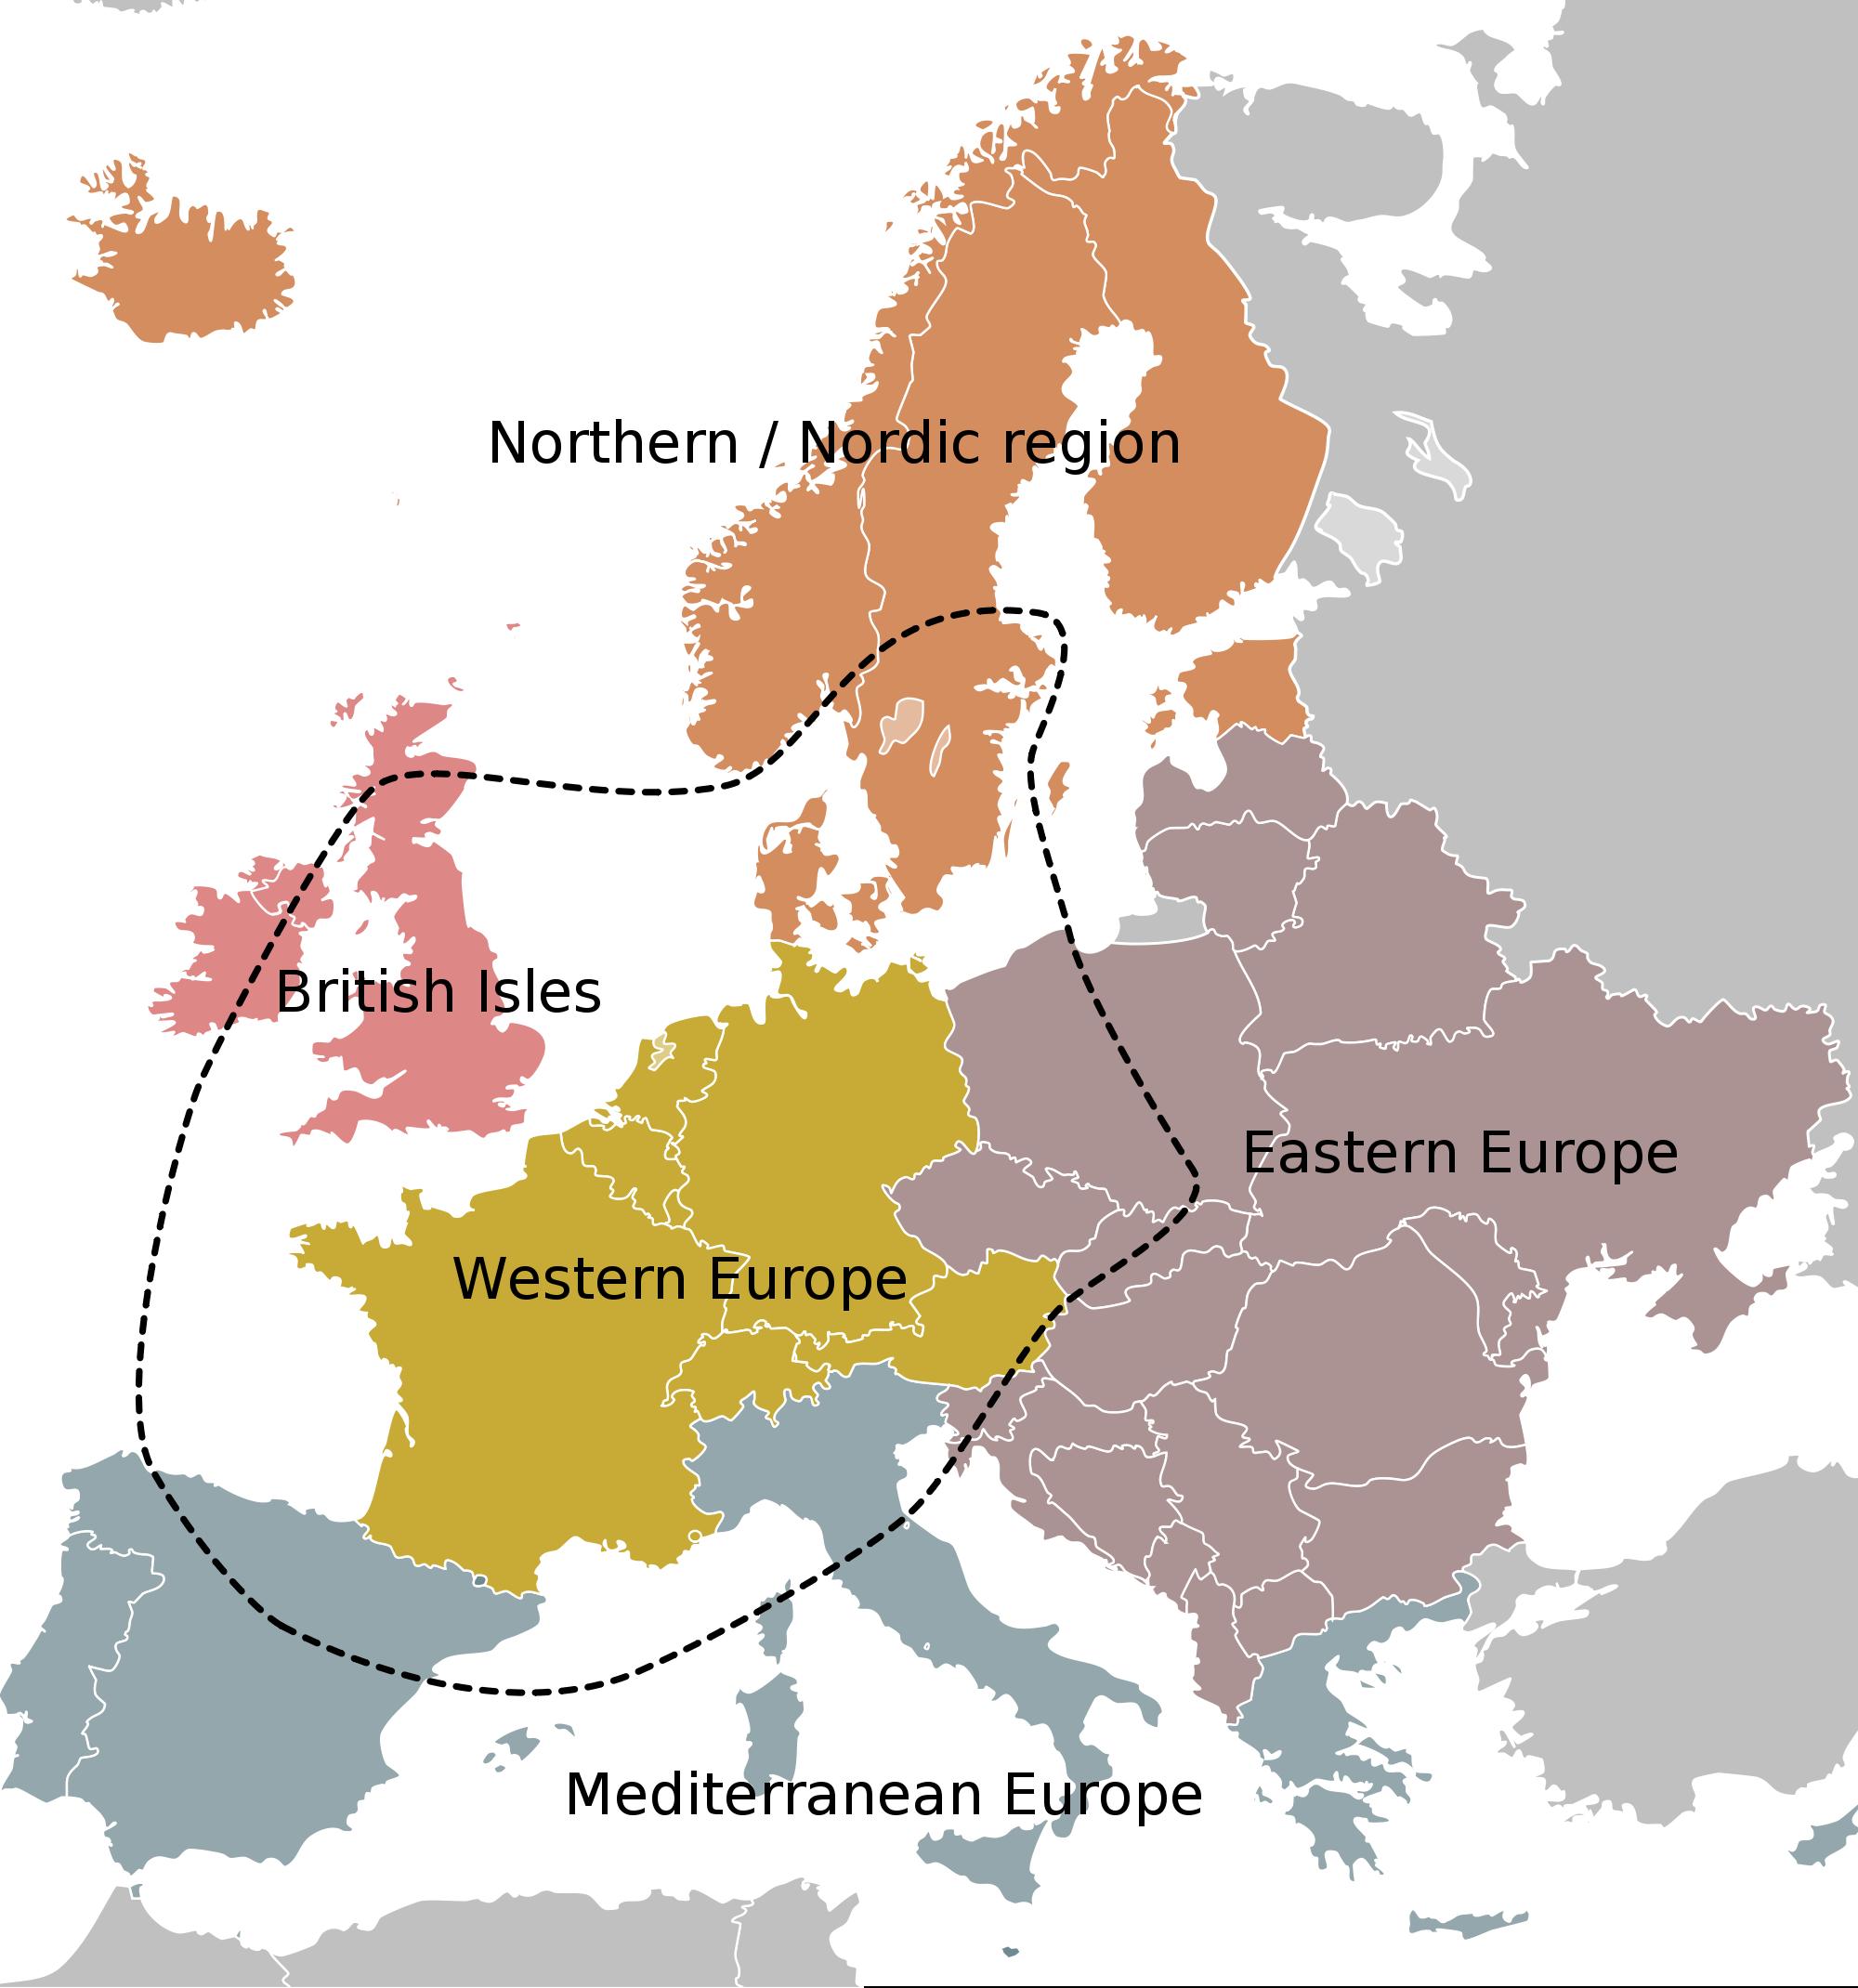 Las regiones de Europa